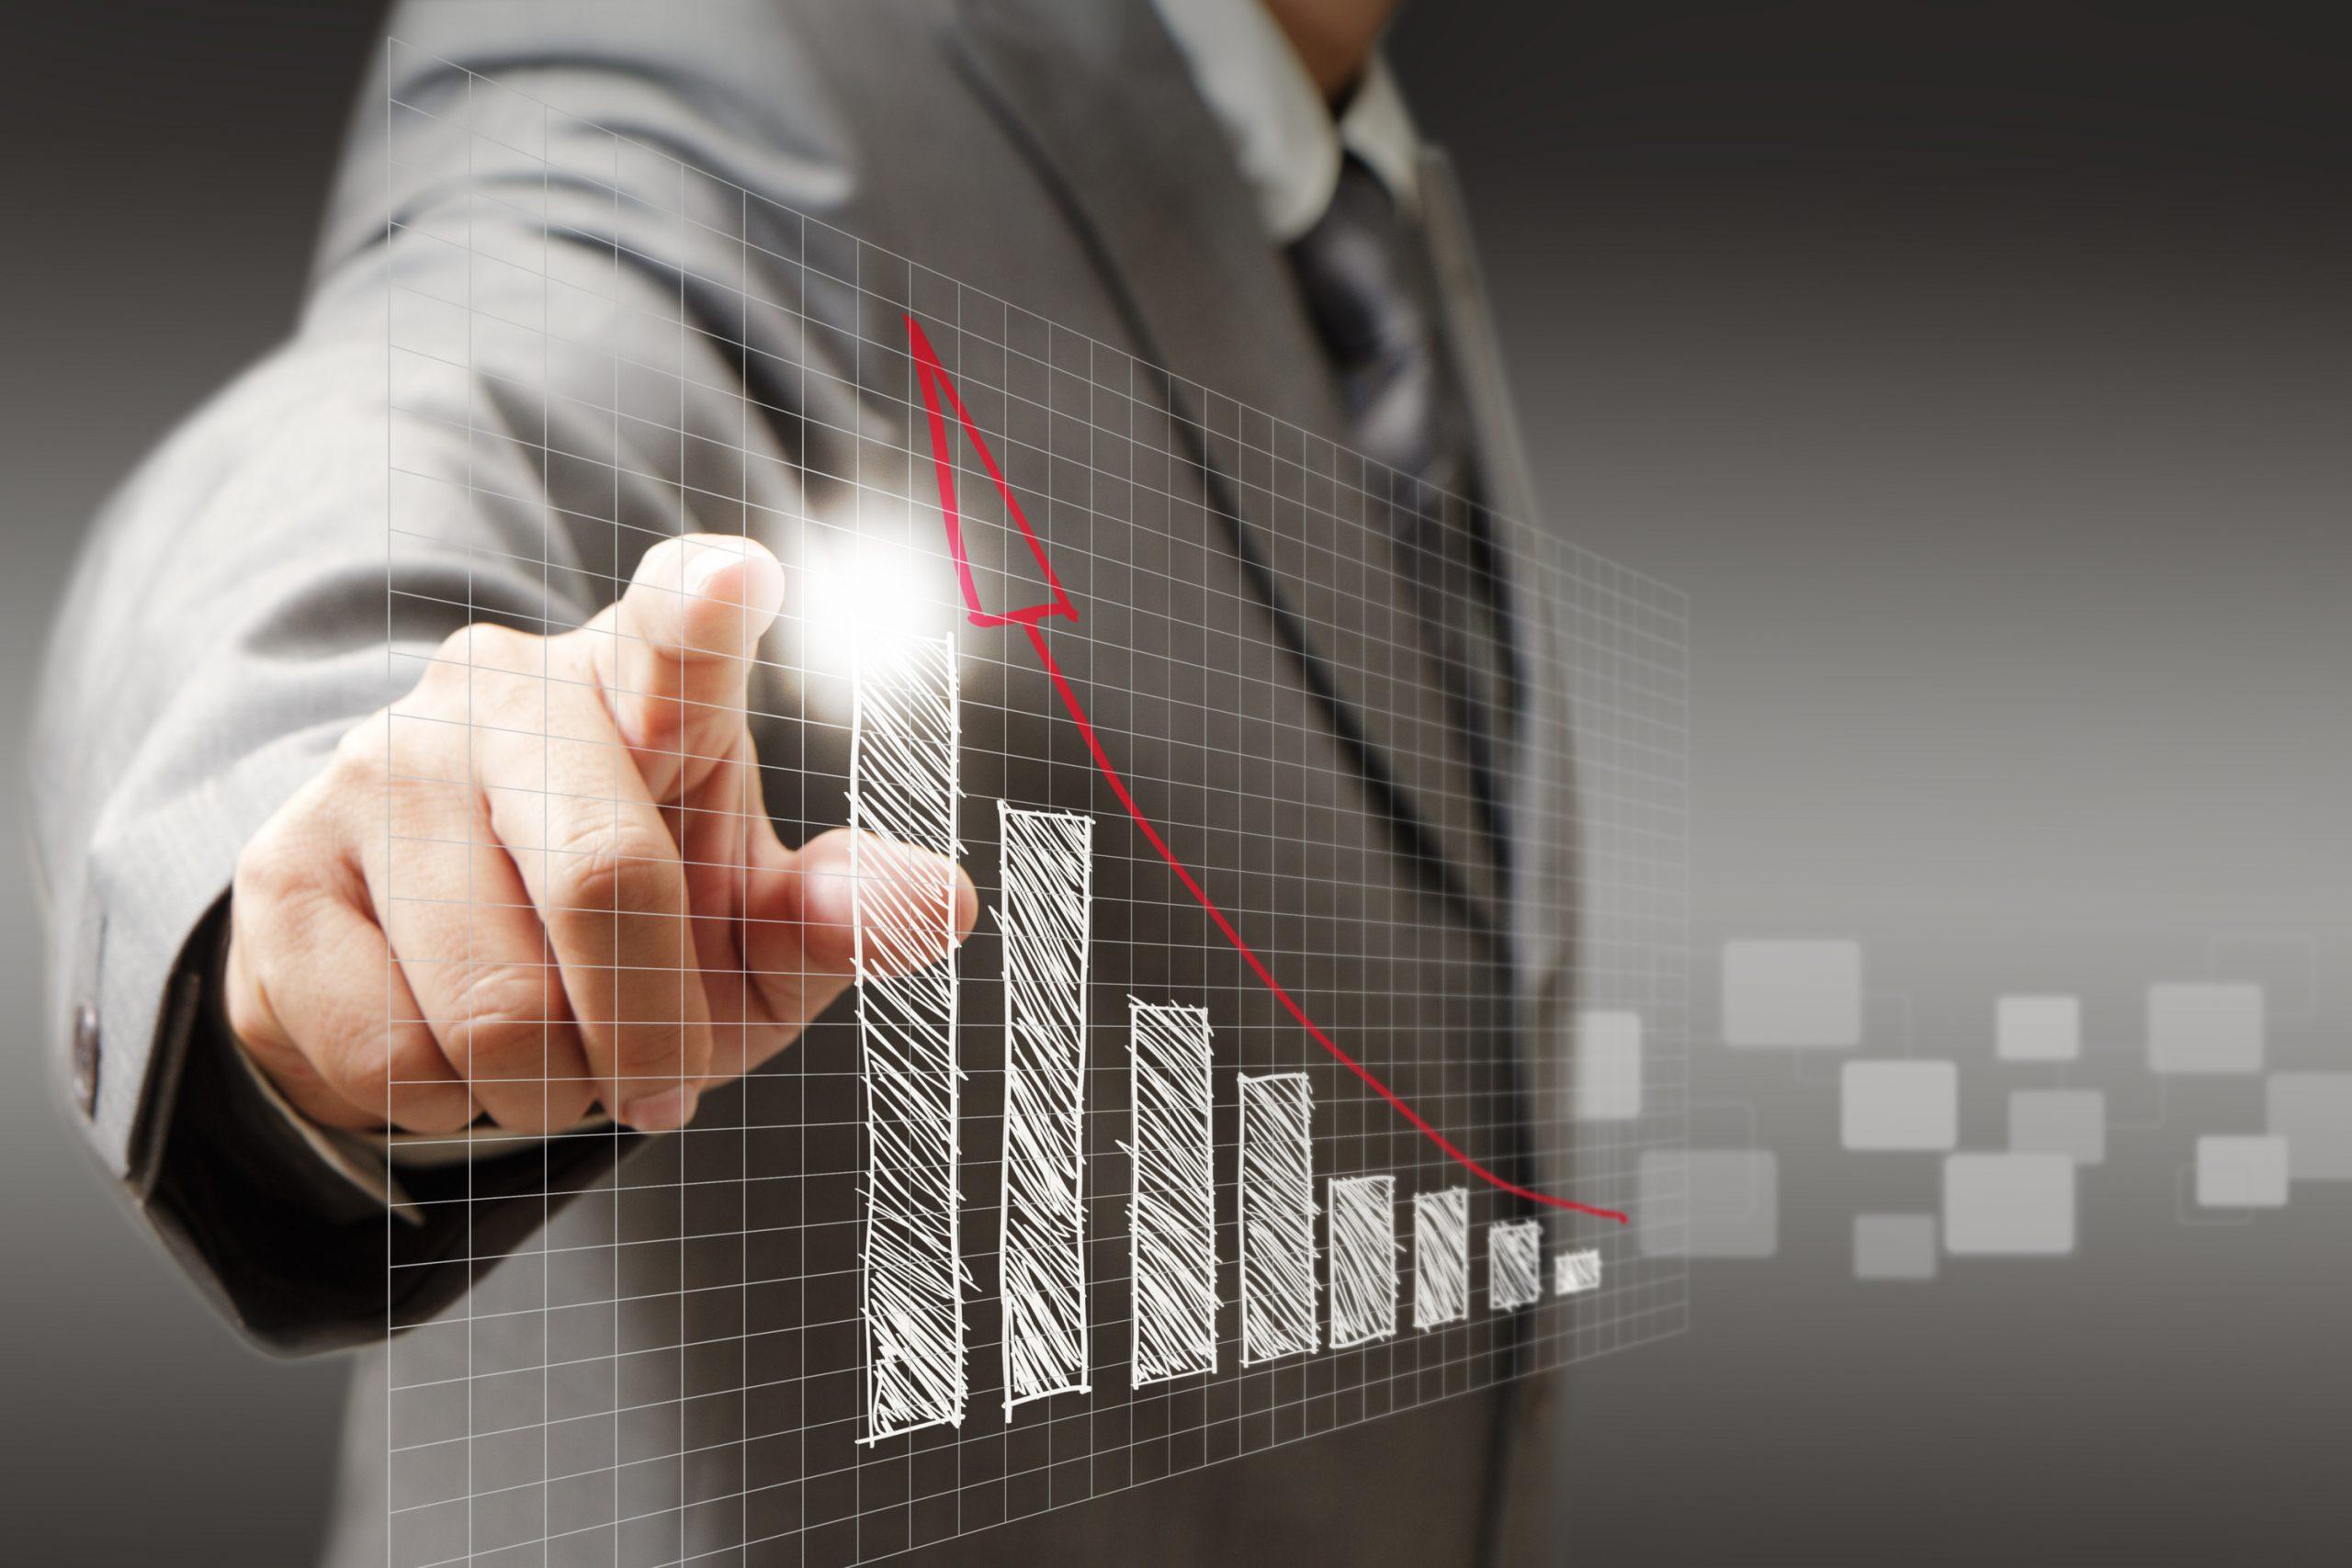 Invertir internacional: cada vez son más las opciones